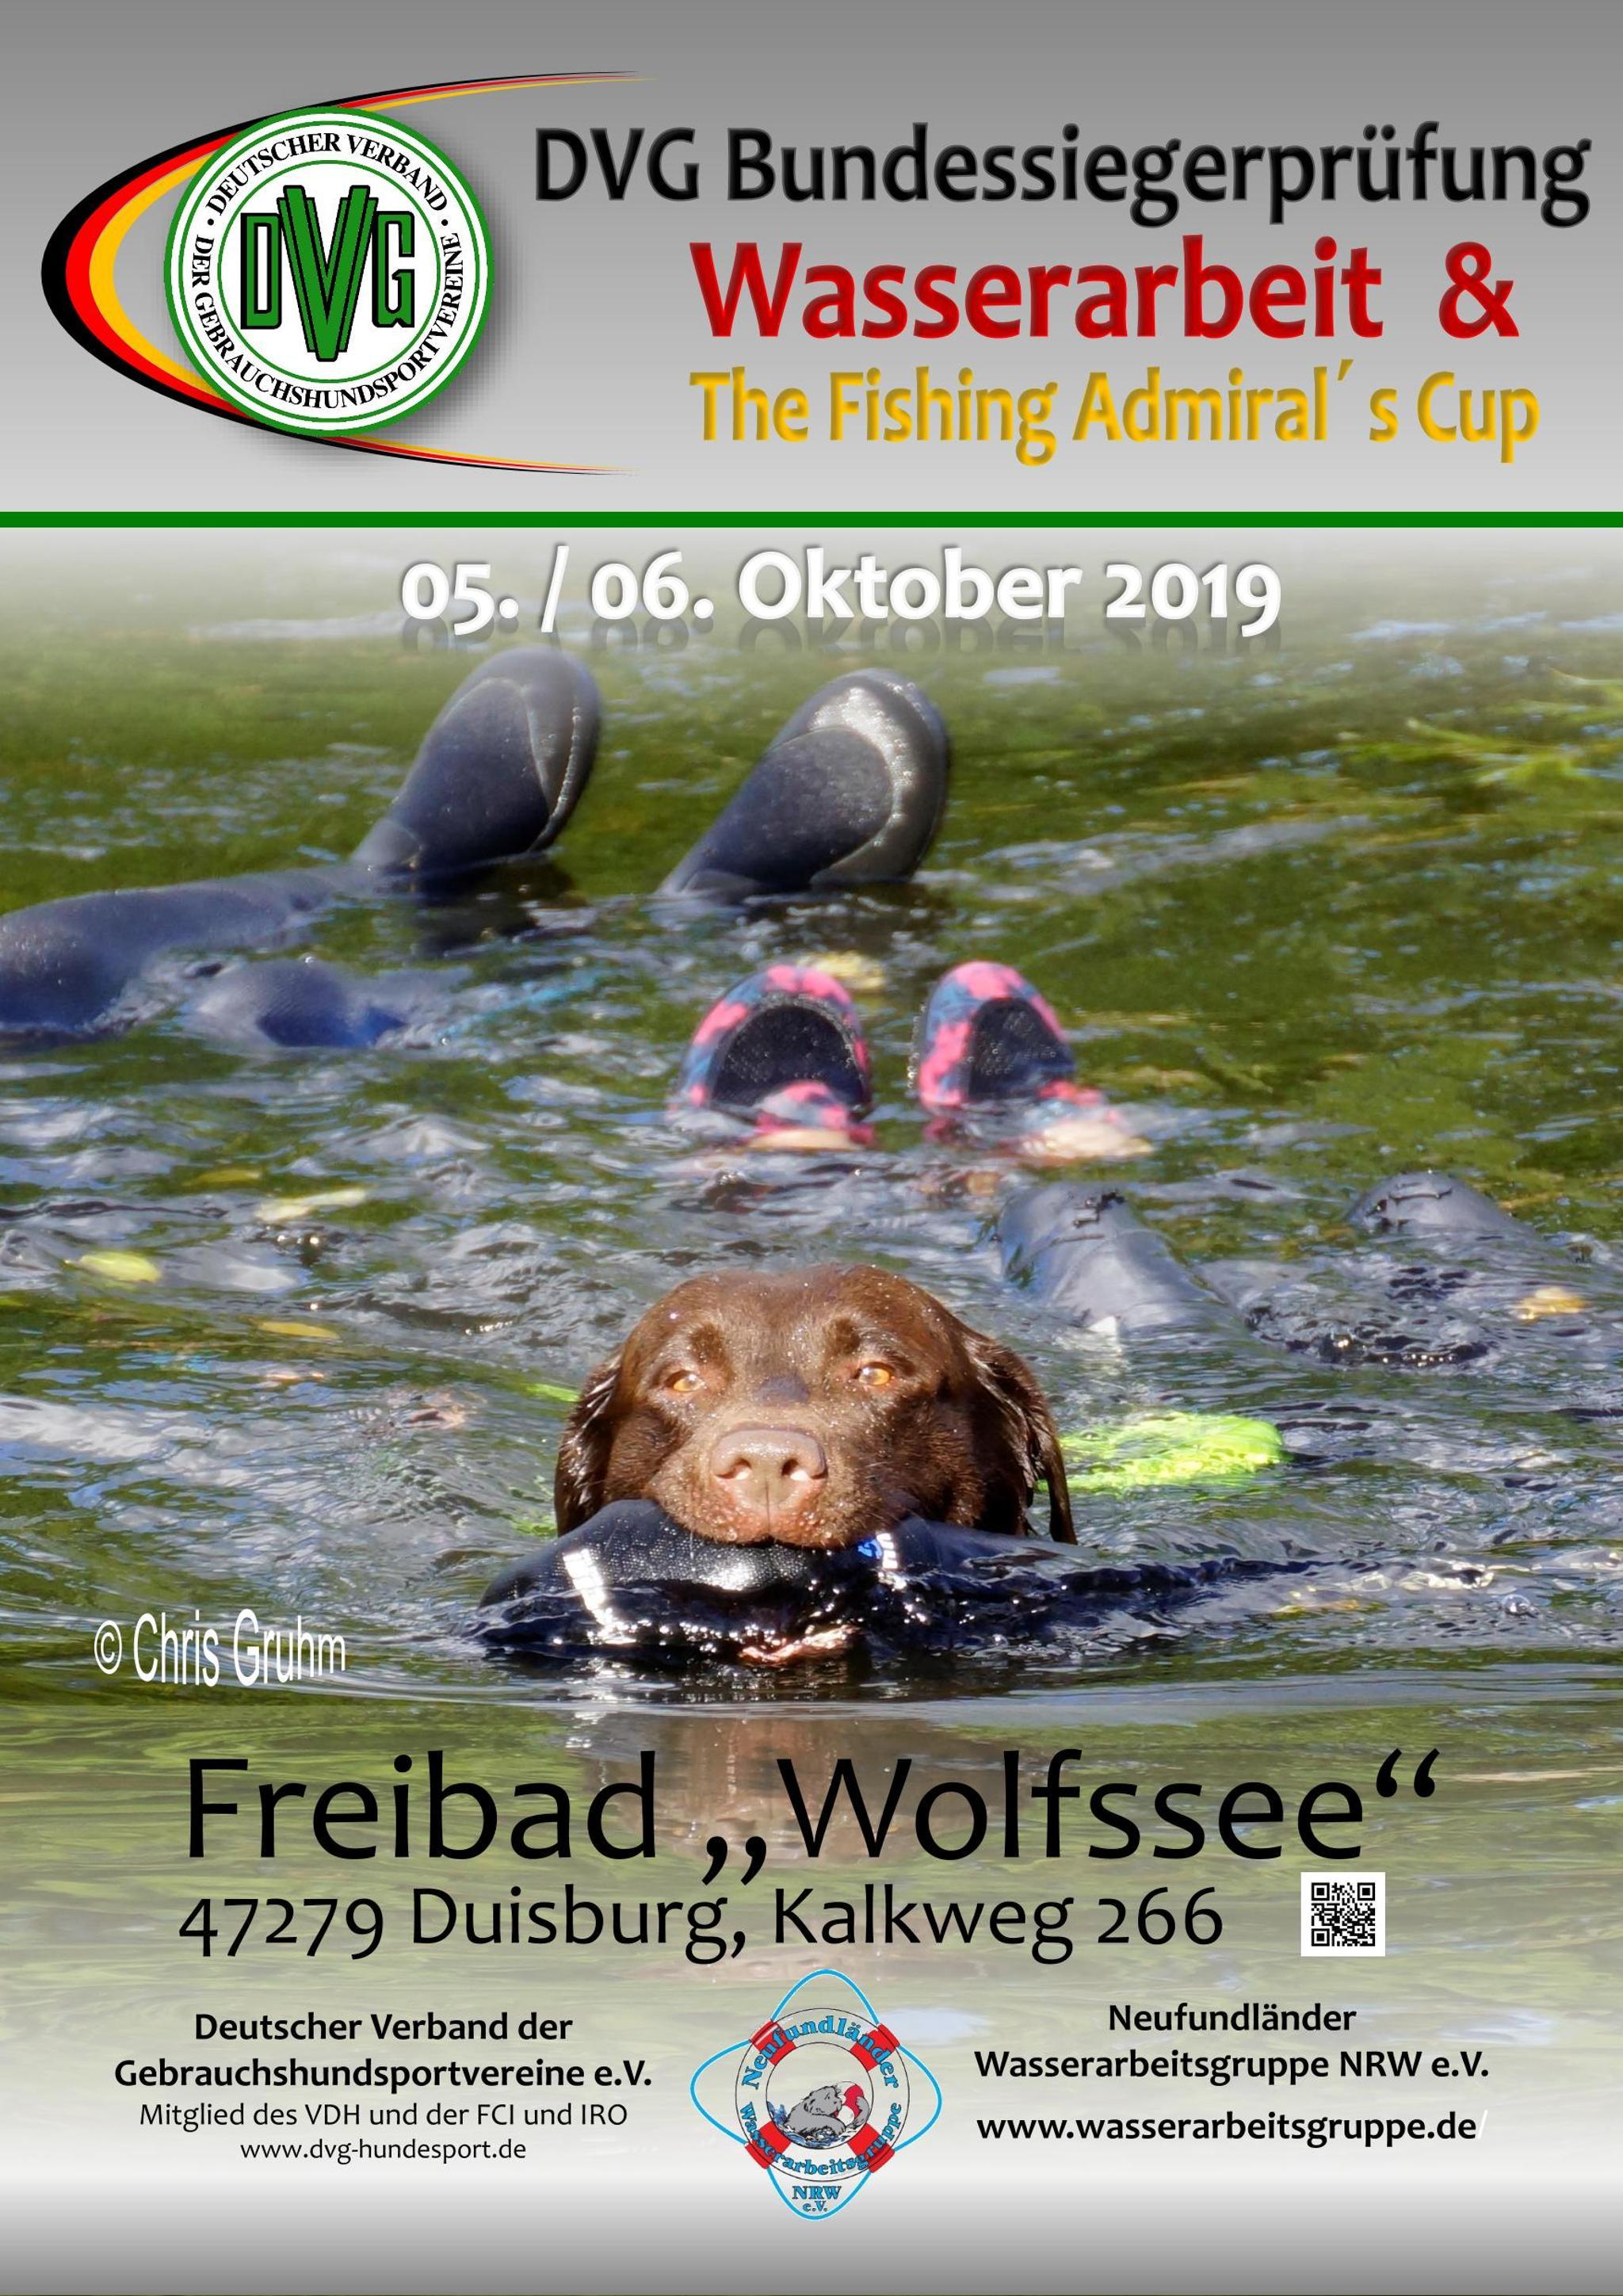 DVG Bundessiegerprüfung Wasserarbeit 2019 / Fishing Admirals @ Neufundländer Wasserarbeitsgruppe NRW